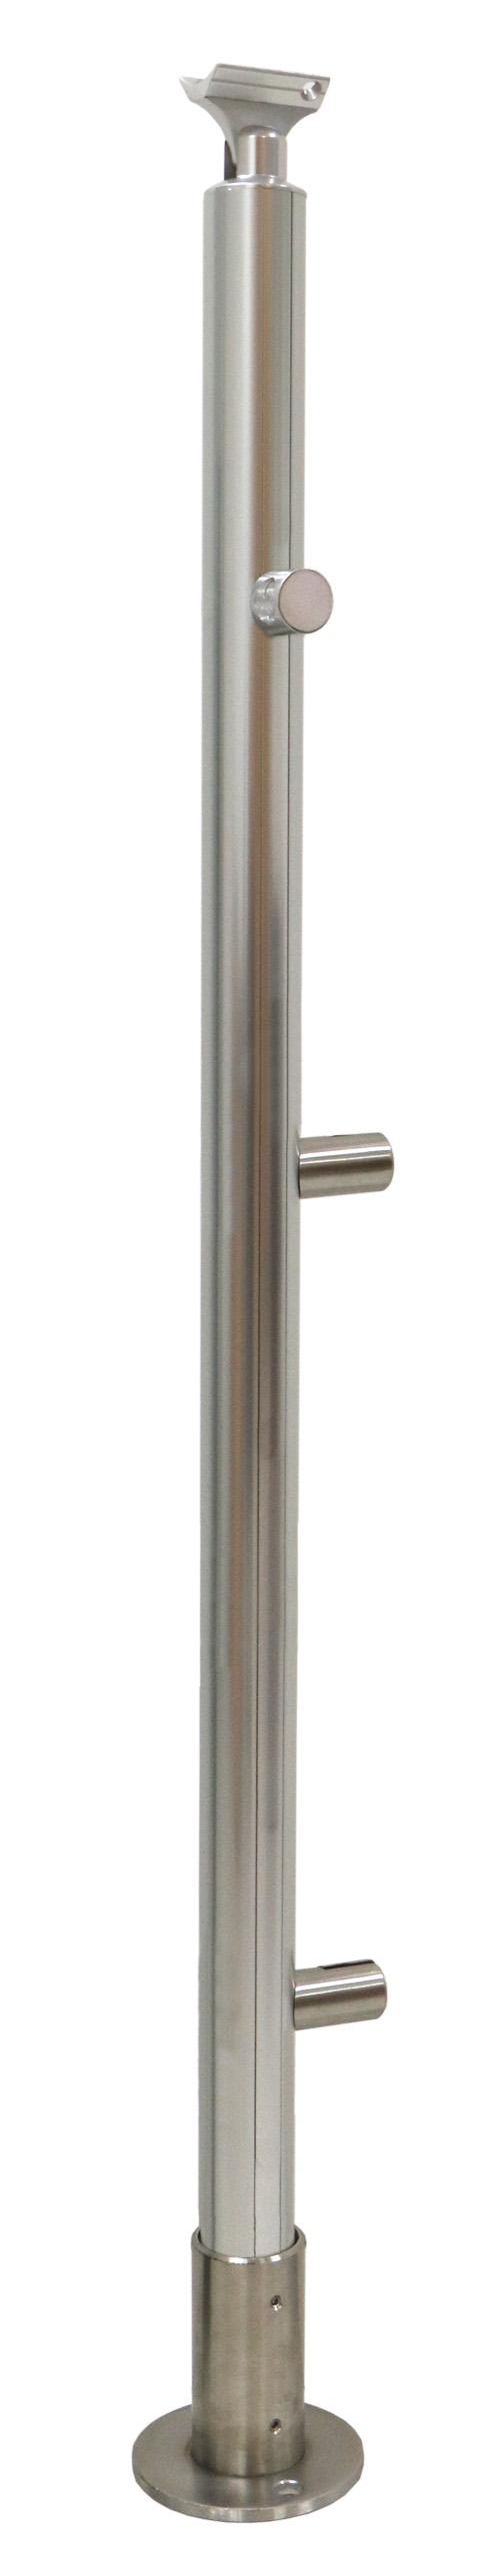 Poteau de sol d'extrémité droite pour remplissage avec tôle décorative aluminium façon inox